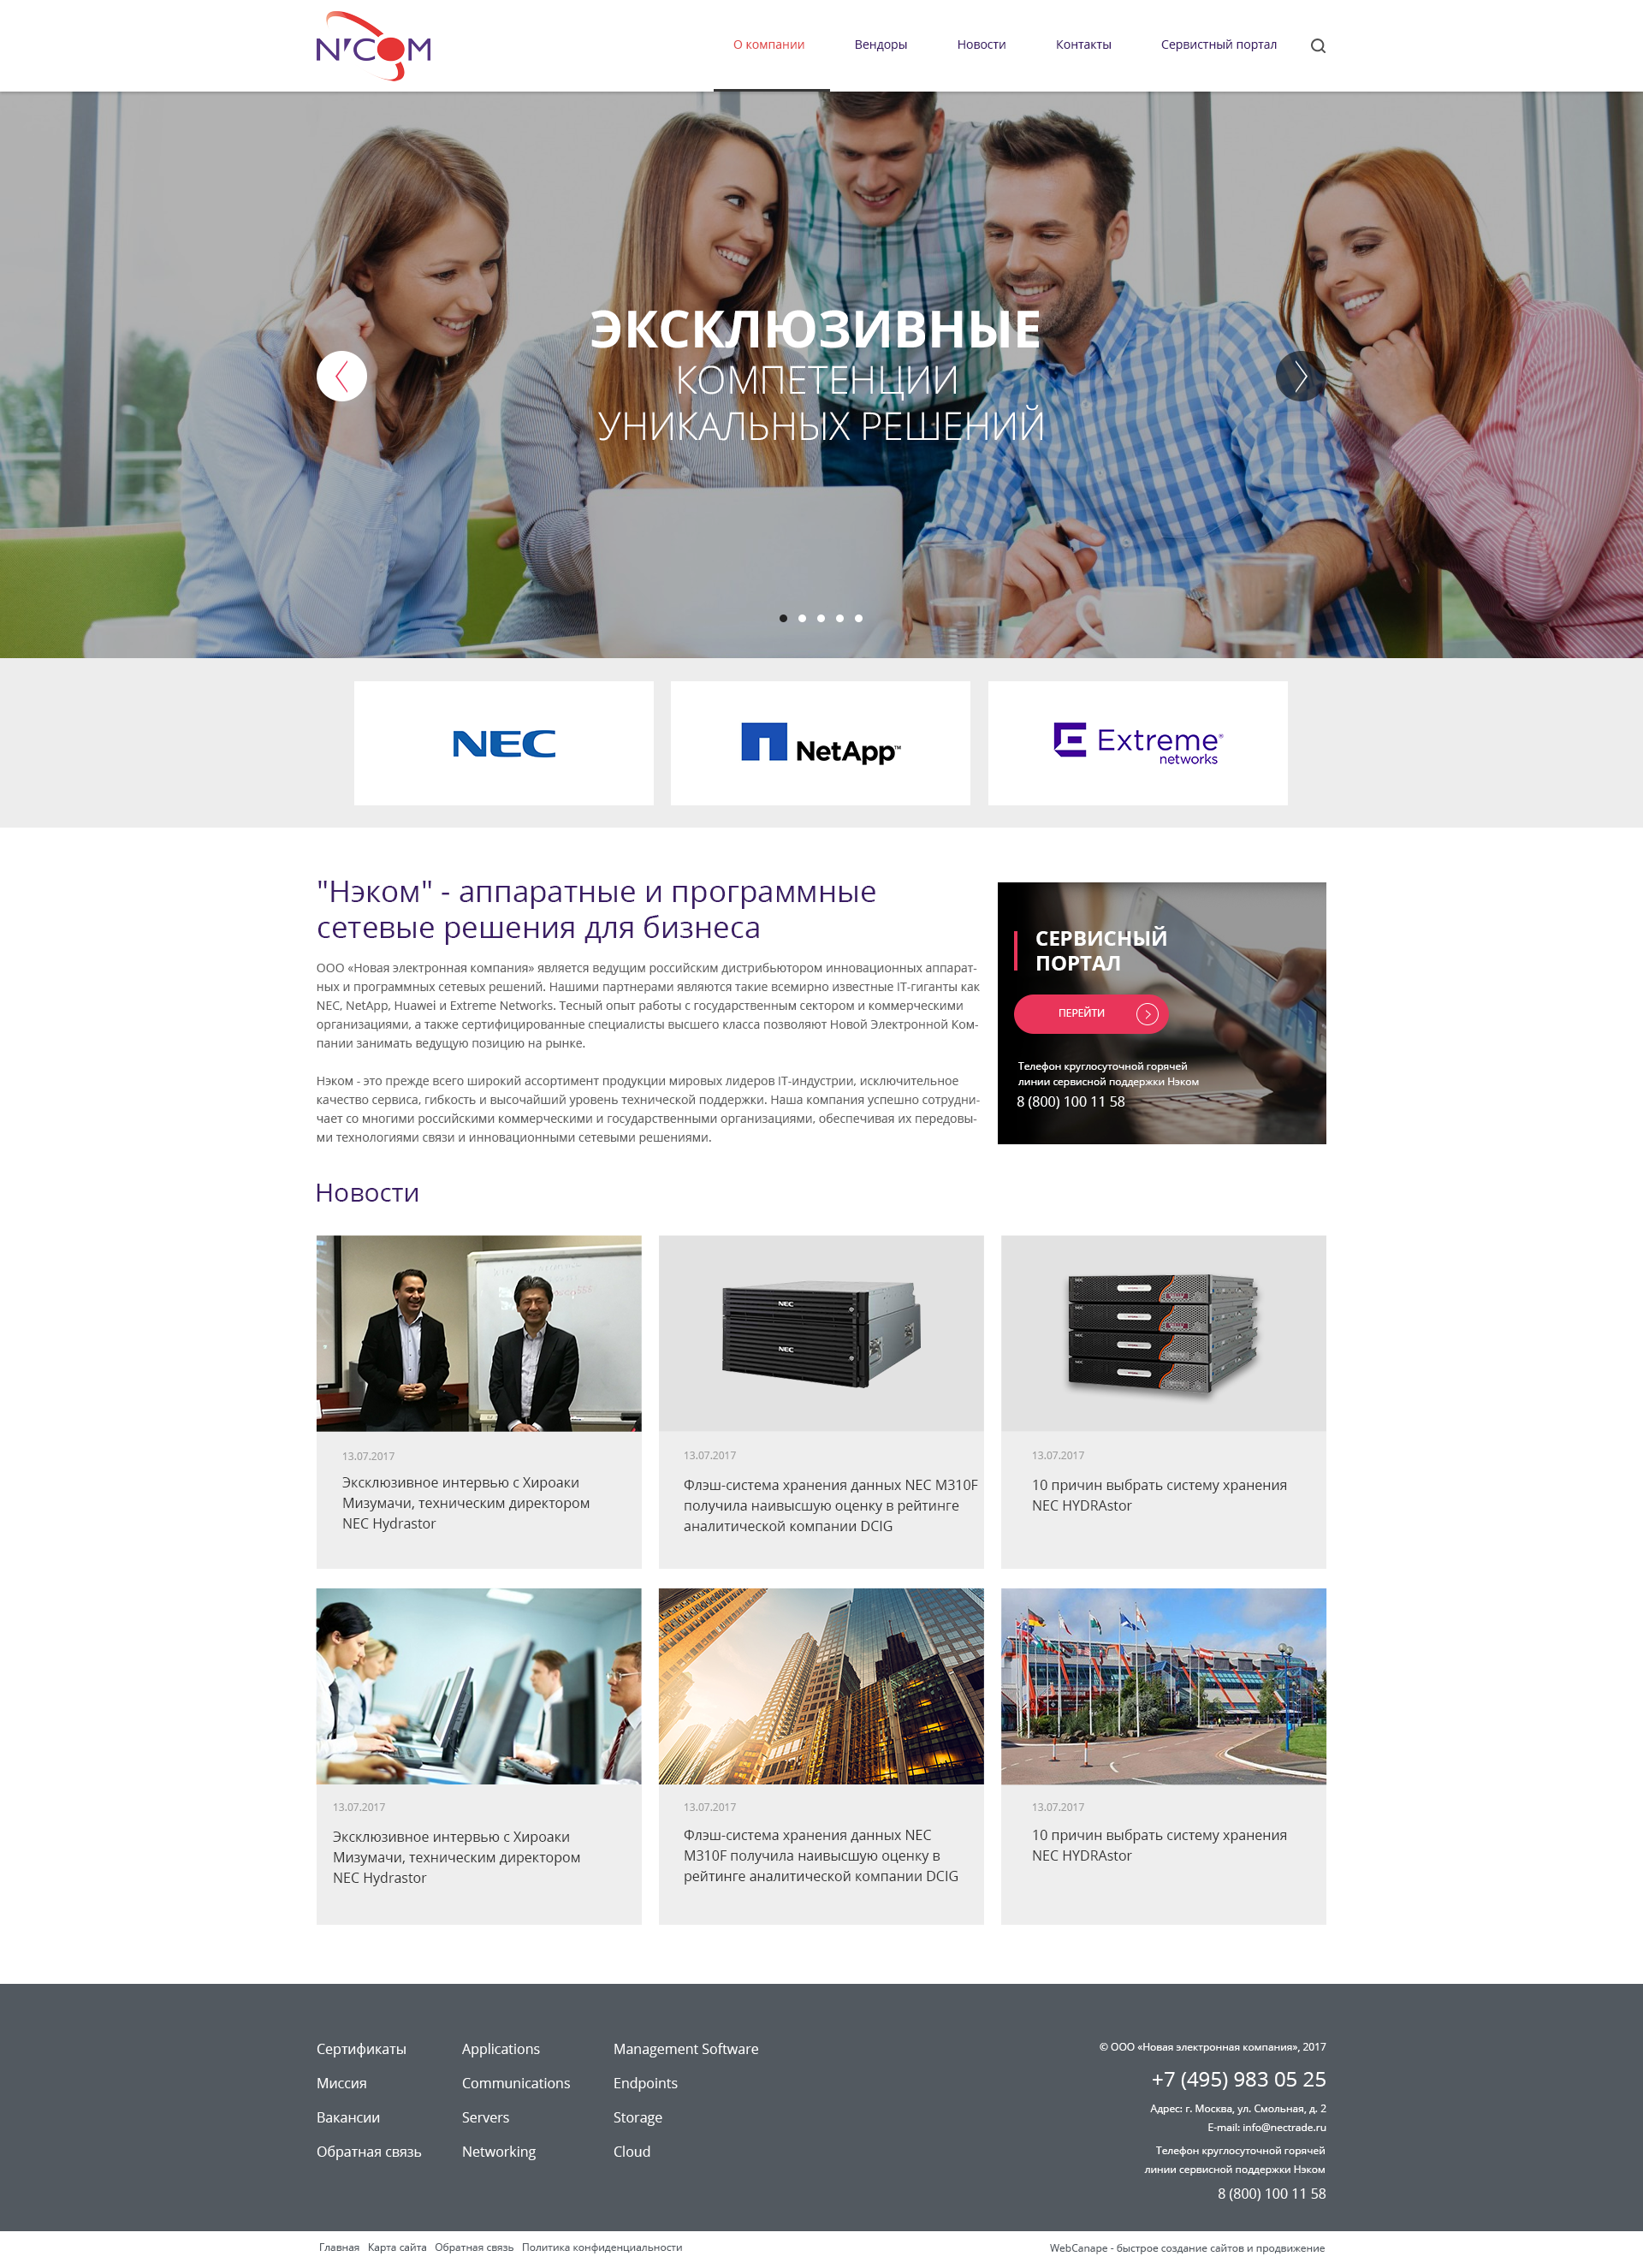 Разработка сайта дистрибьютора аппаратных и программных сетевых решений